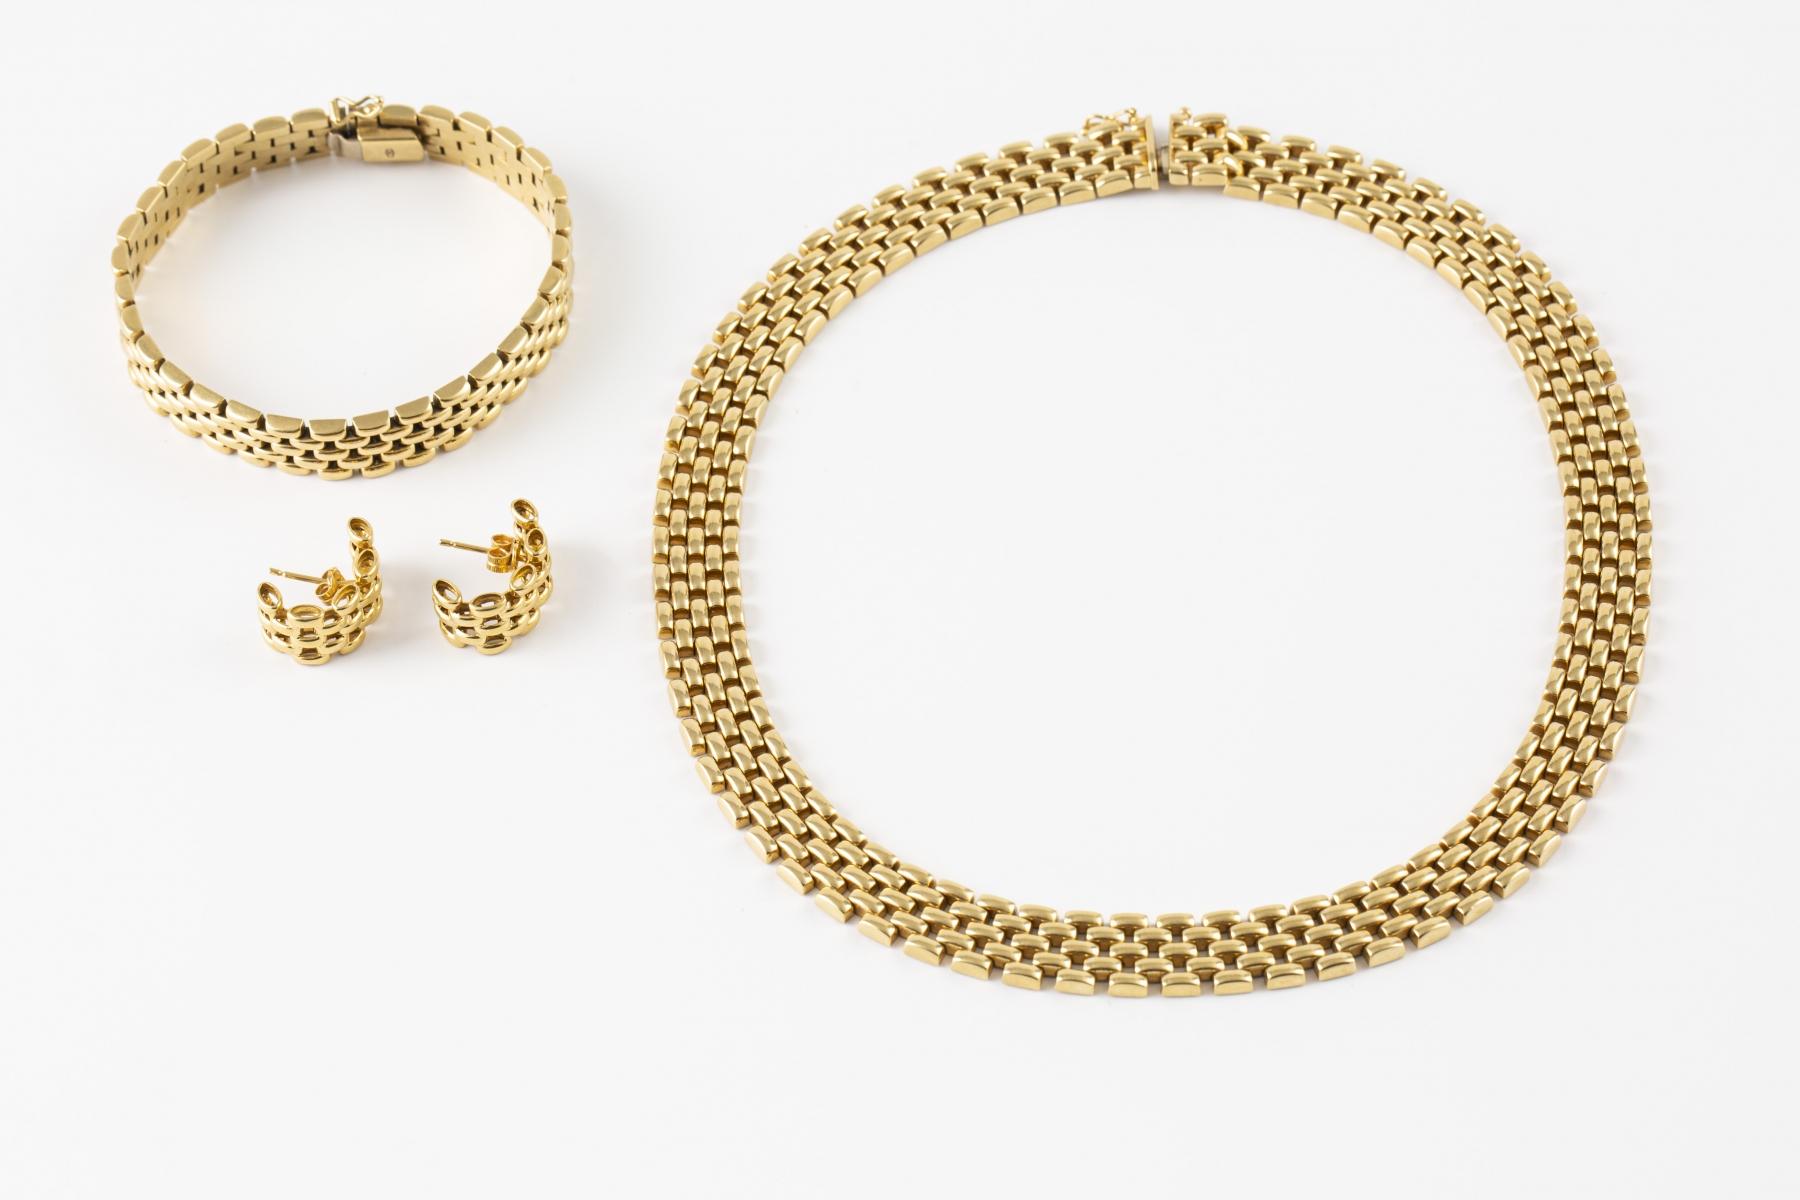 40 Parue en or jaune comprenant un collier articulé, un bracelet et une paire de boucles d'oreilles assorties.Adjugé 2800€